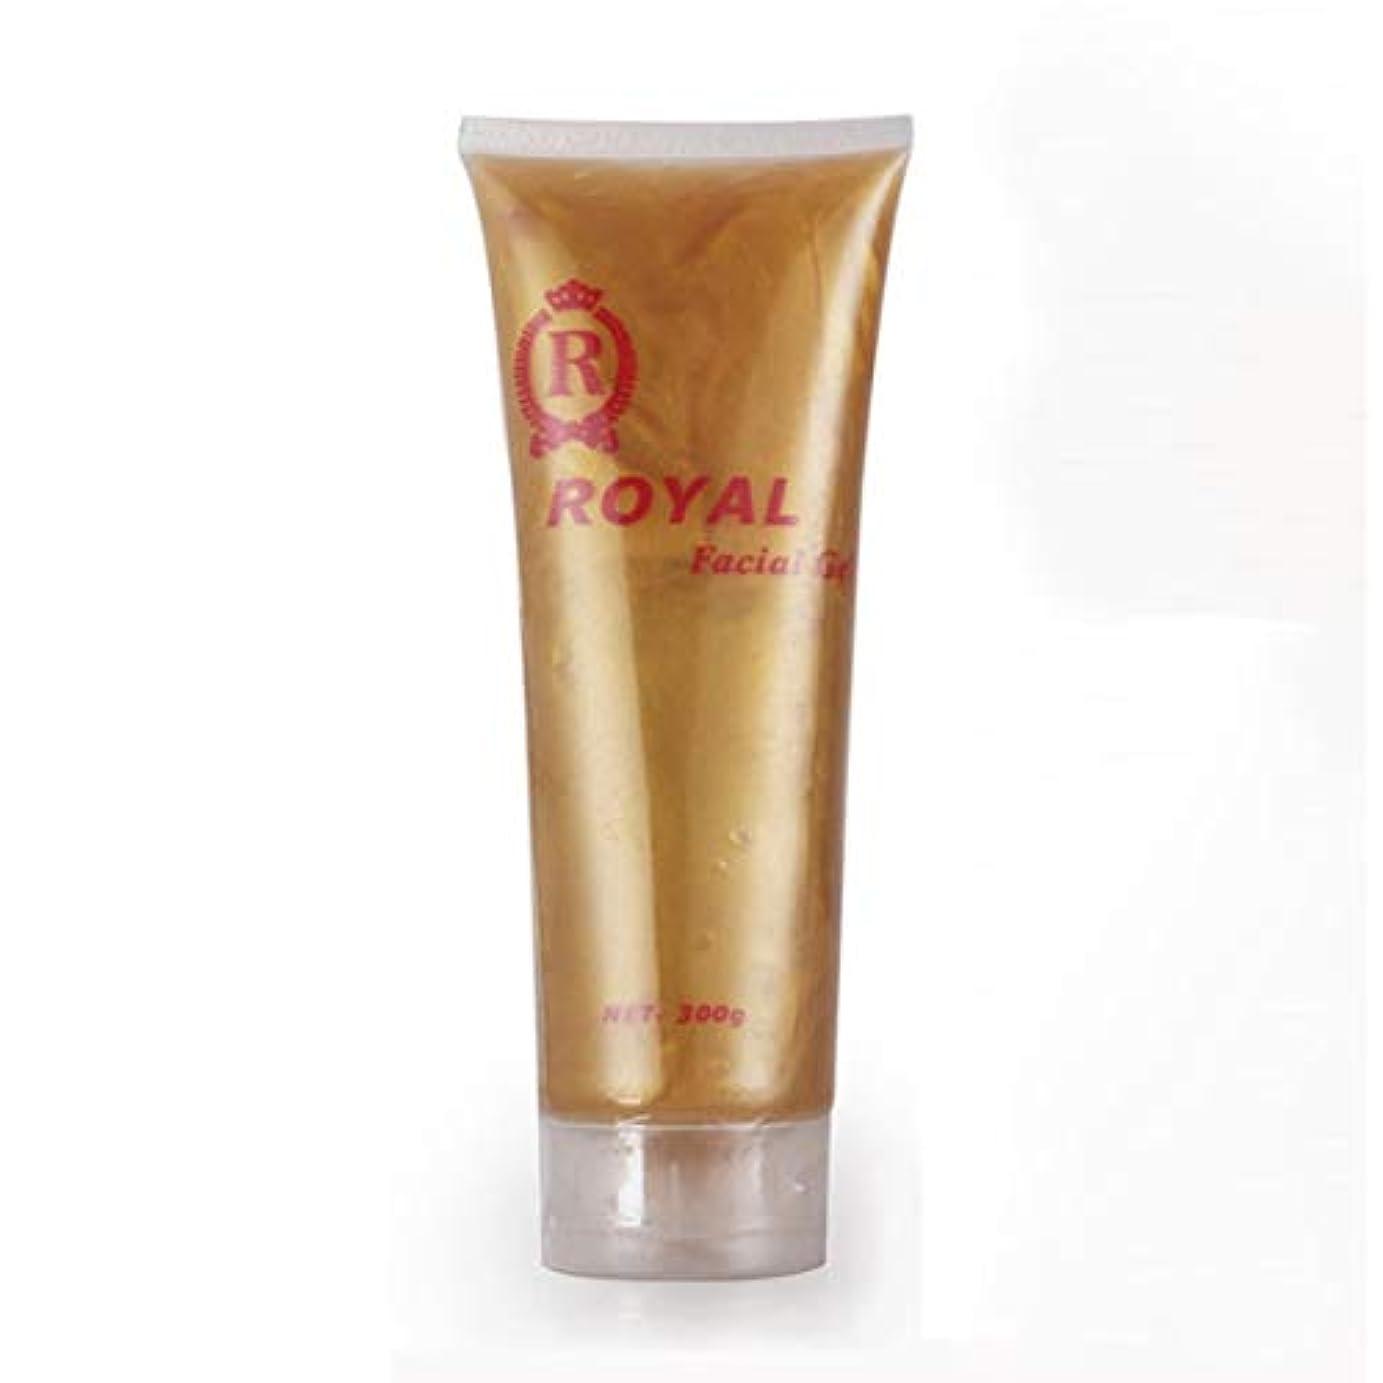 感心する精神医学元のIntercorey Beauty Equipment Import Gel Skin Lifting Firming Anti-Wrinkle Body Shaping Beauty Essence Importing...